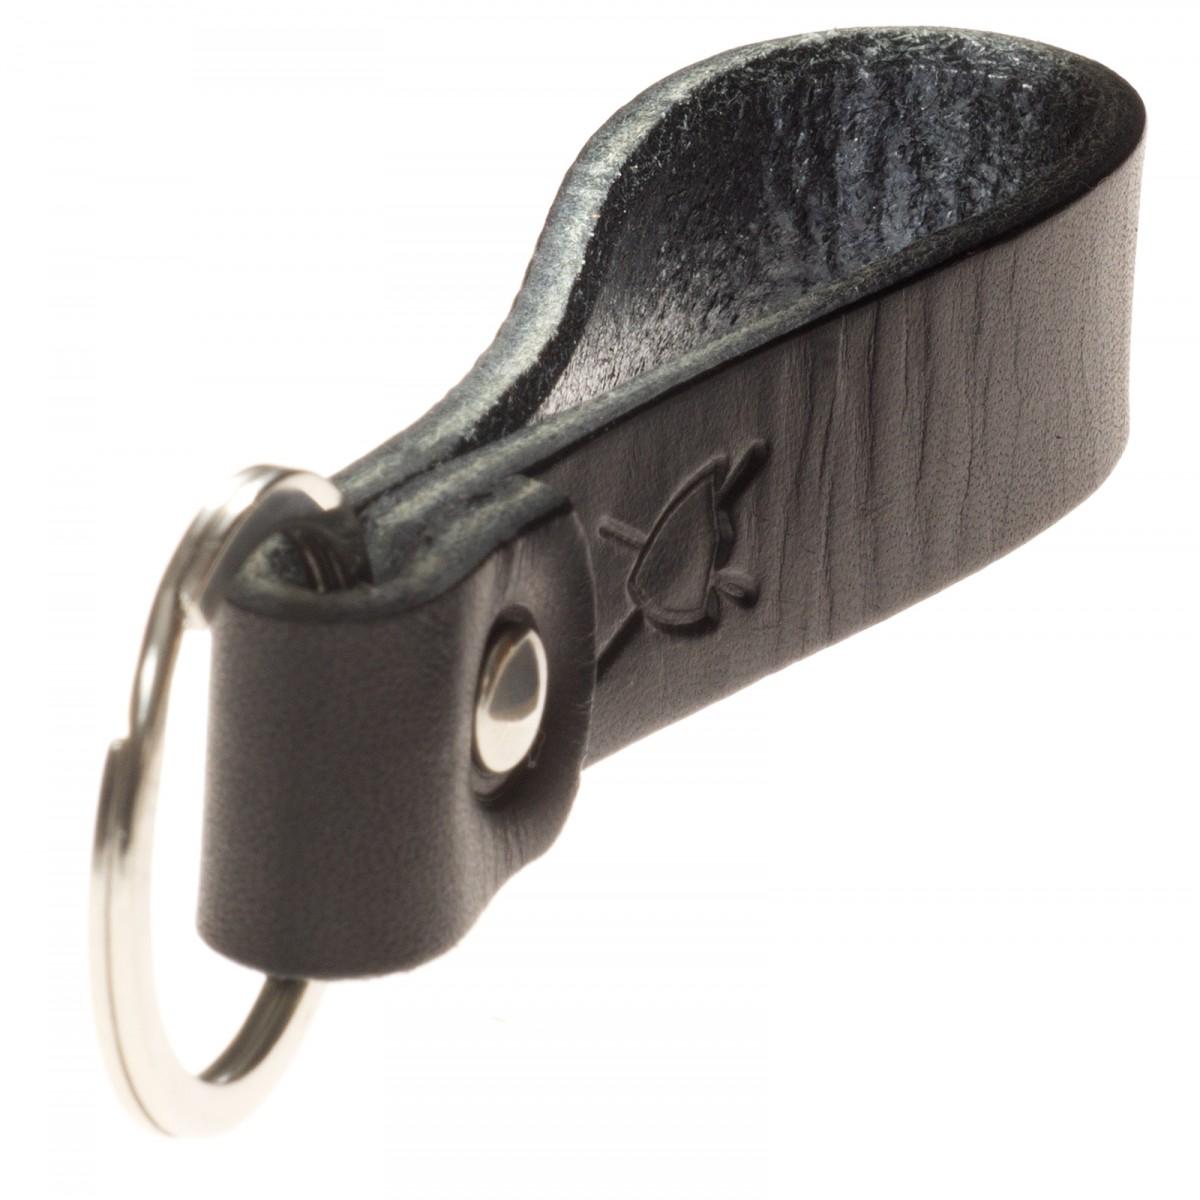 LIEBHARDT Leder Schlüsselanhänger aus pflanzlich gegerbtem Leder genietet (schwarz)